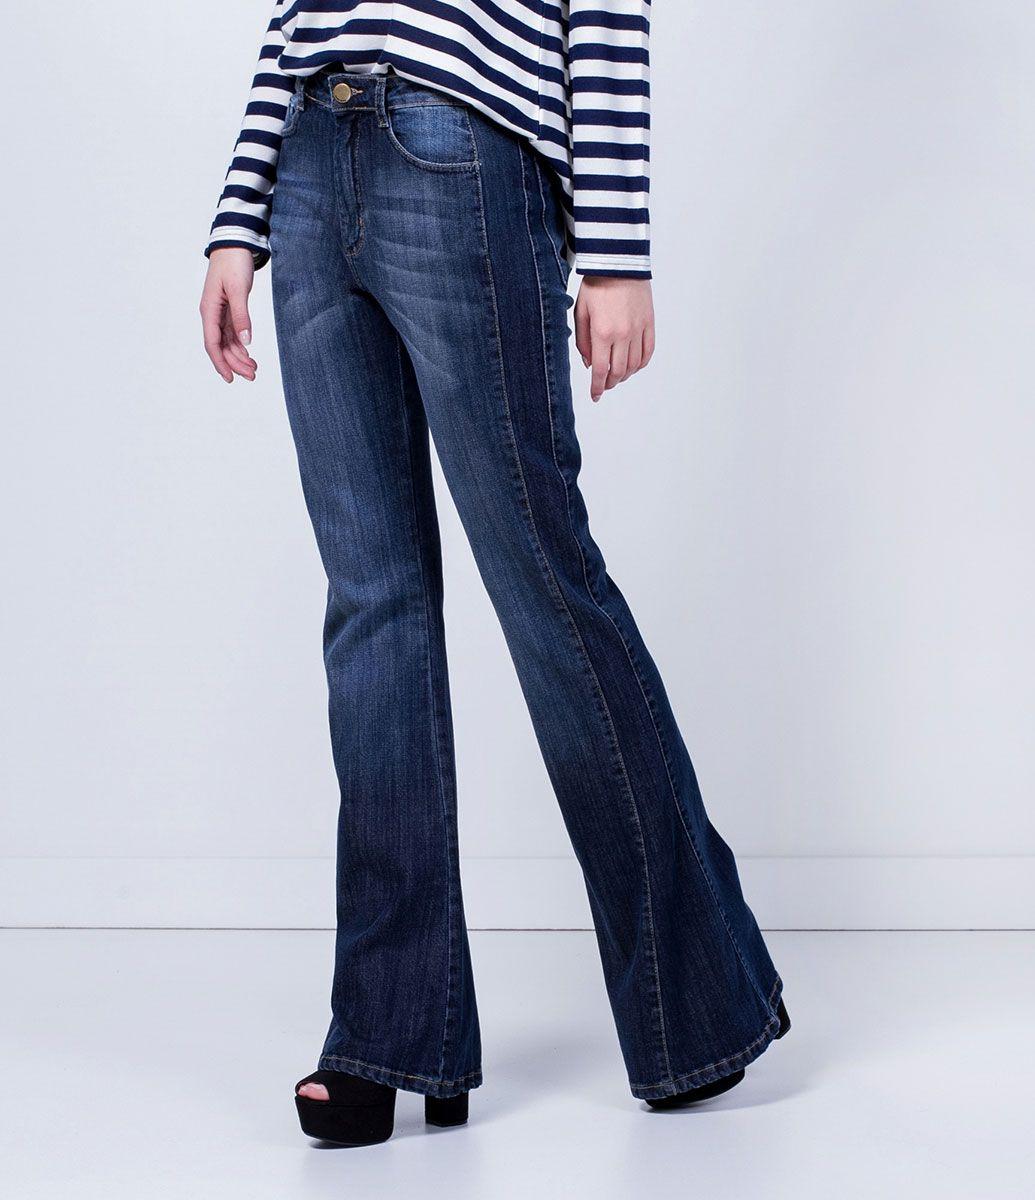 dc29abee0 Calça feminina Modelo flare Detalhe de faixa lateral Marca: Marfinno  Tecido: Jeans Composição: